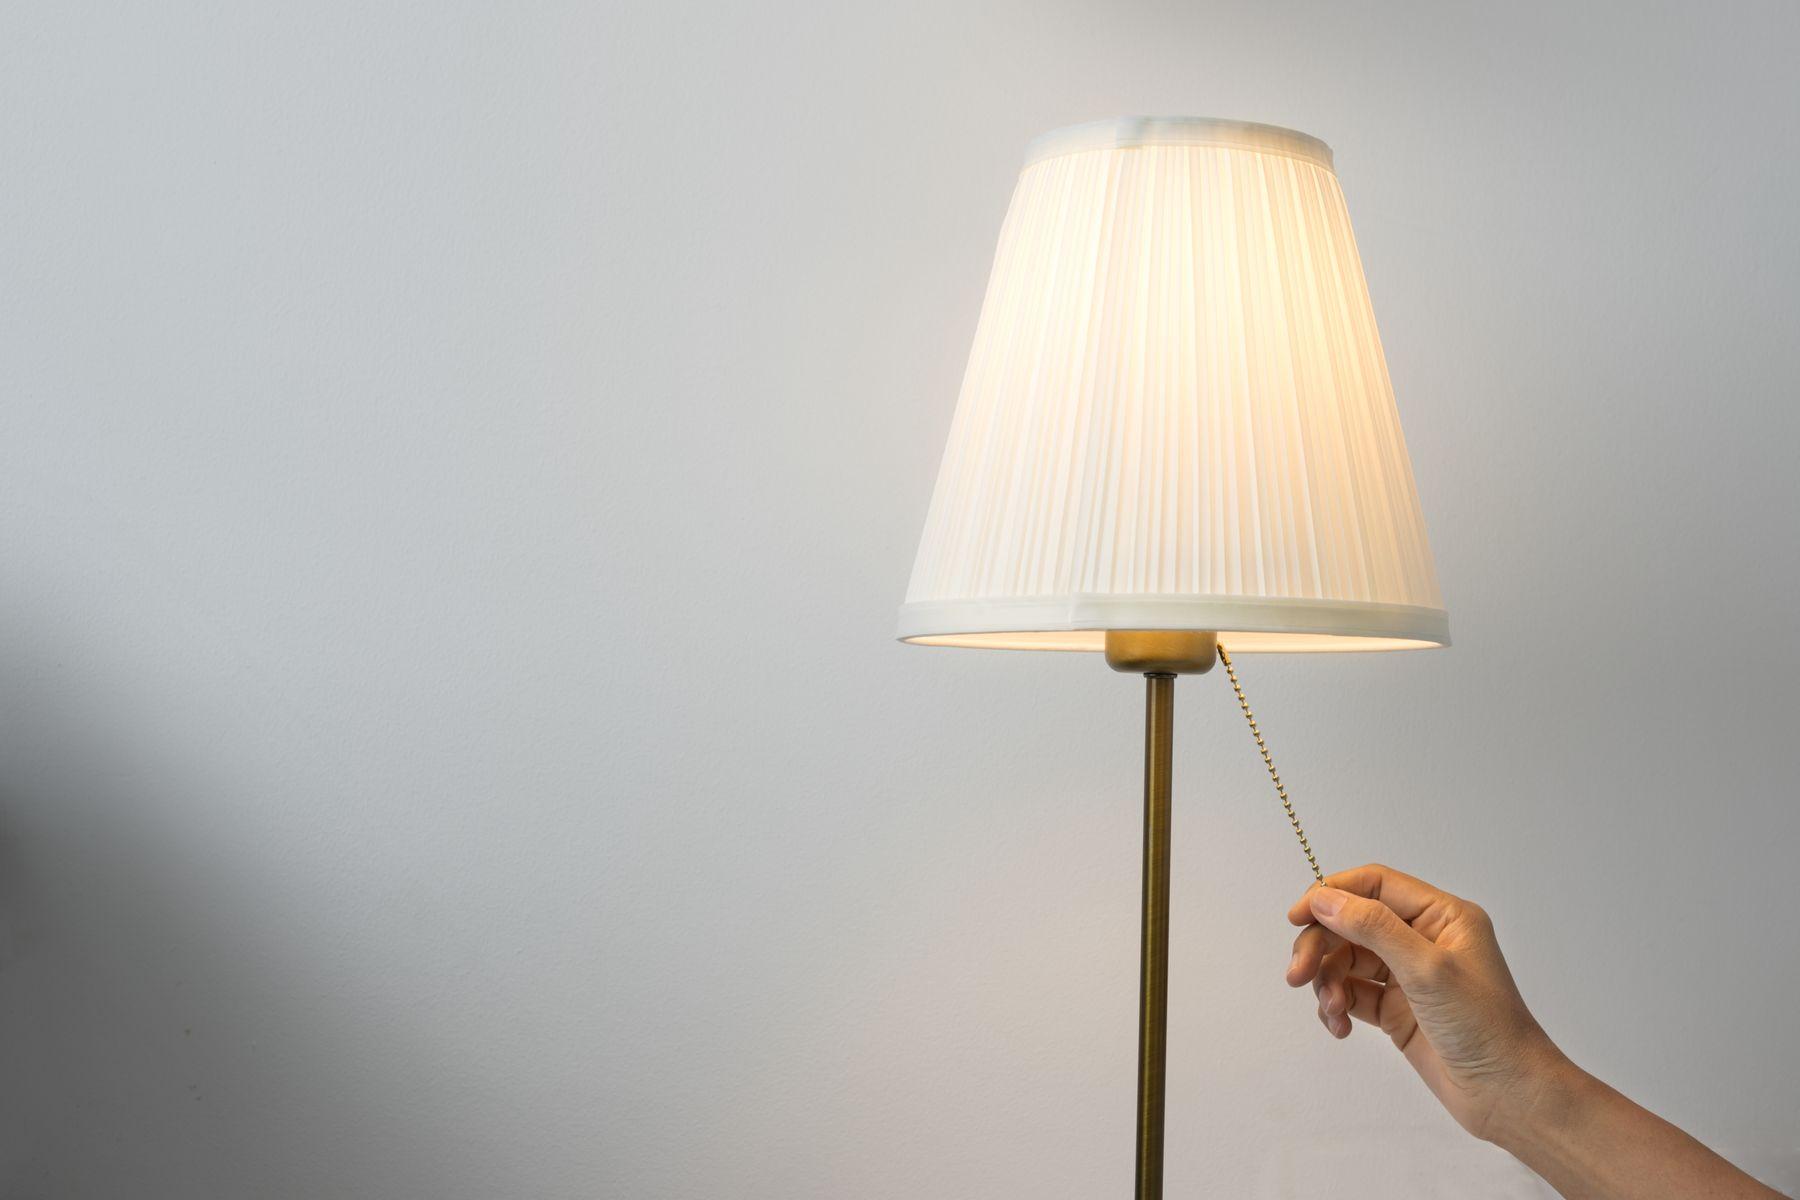 ahorro de energia: seis recomendaciones para evitar cortes de electricidad